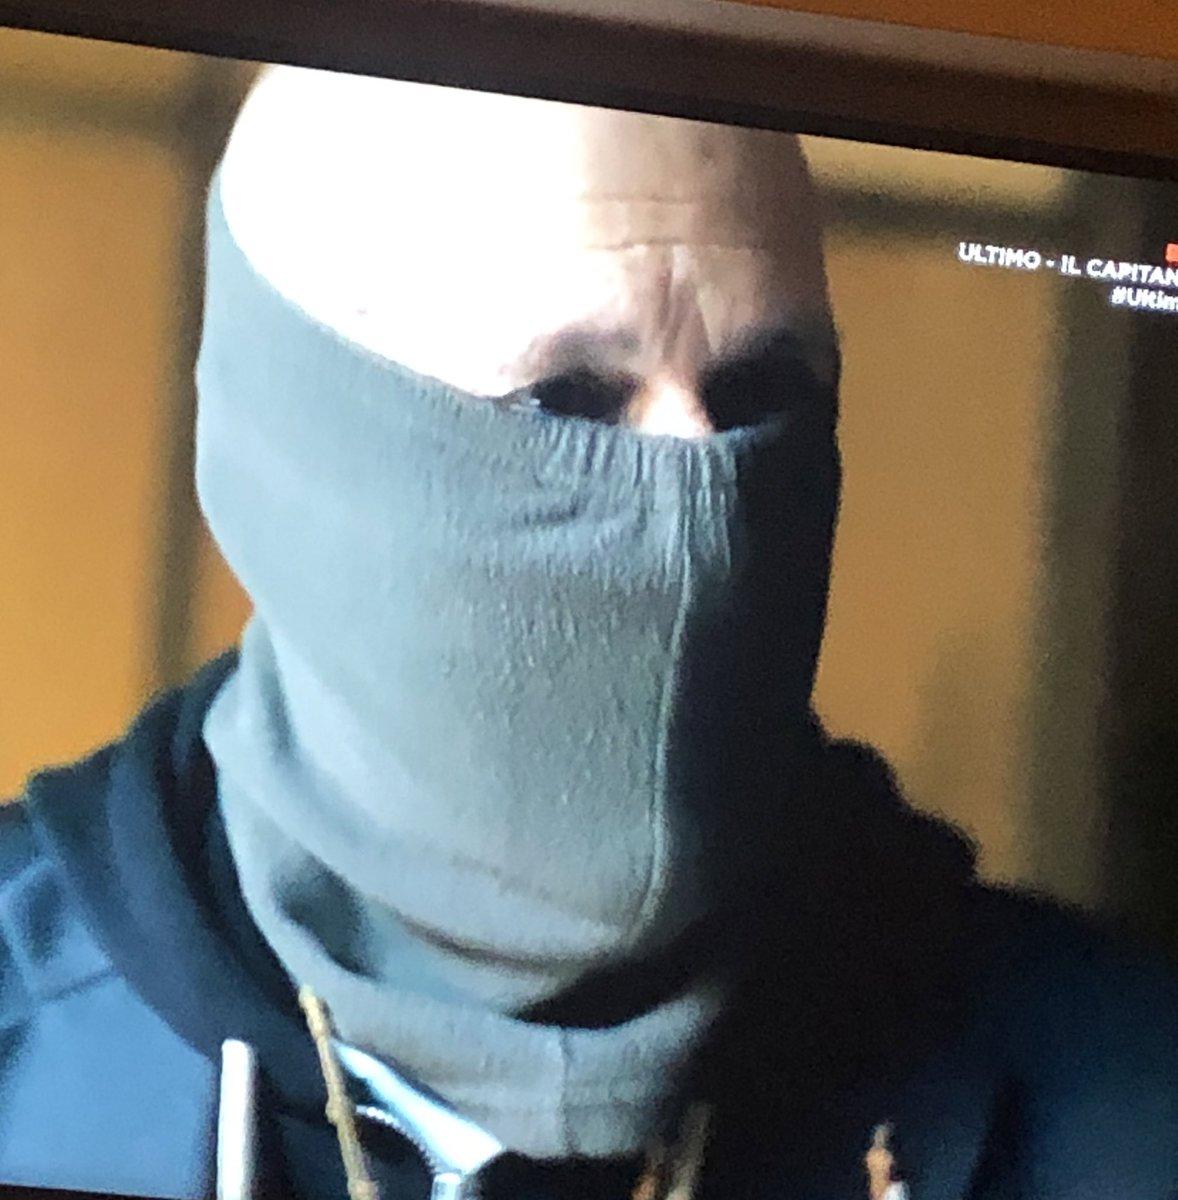 """@UltimoUMC @UltimoUMC  #fiero di aver indossato la divisa #armadeicarabinieri e aver dato mio """"piccolo"""" supporto !! https://t.co/1QshgavfM1"""